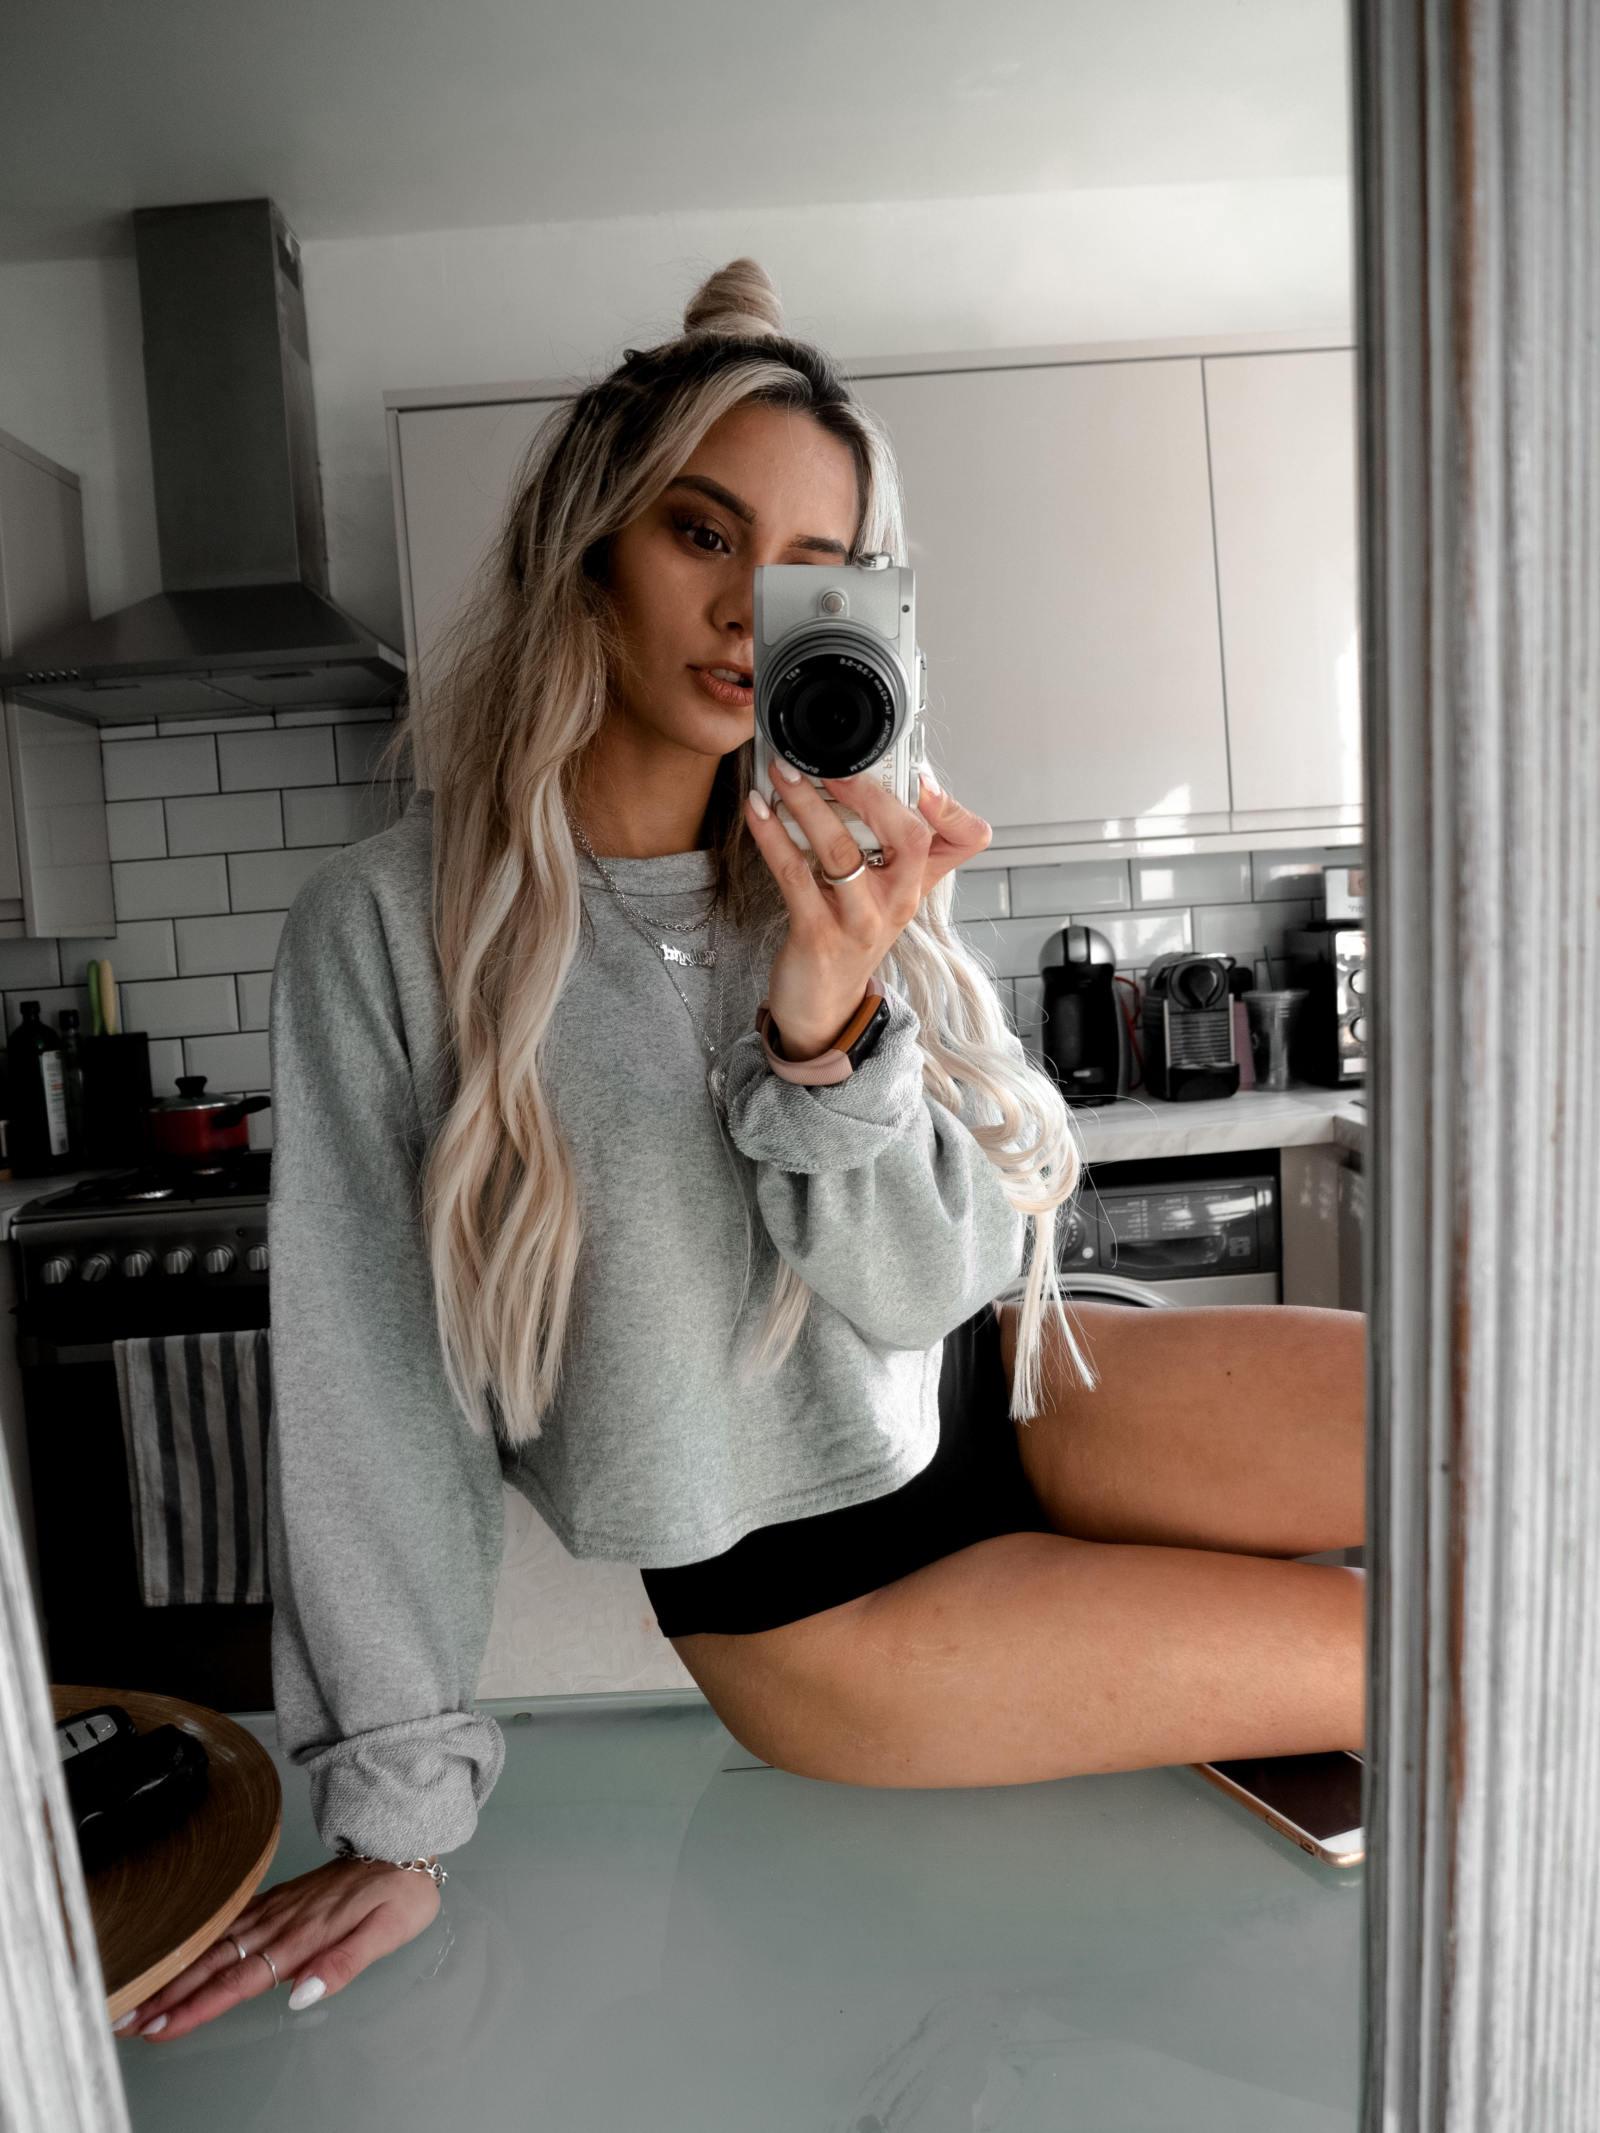 yasmin stefanie boohoo loungewear sweatshirt hot pants